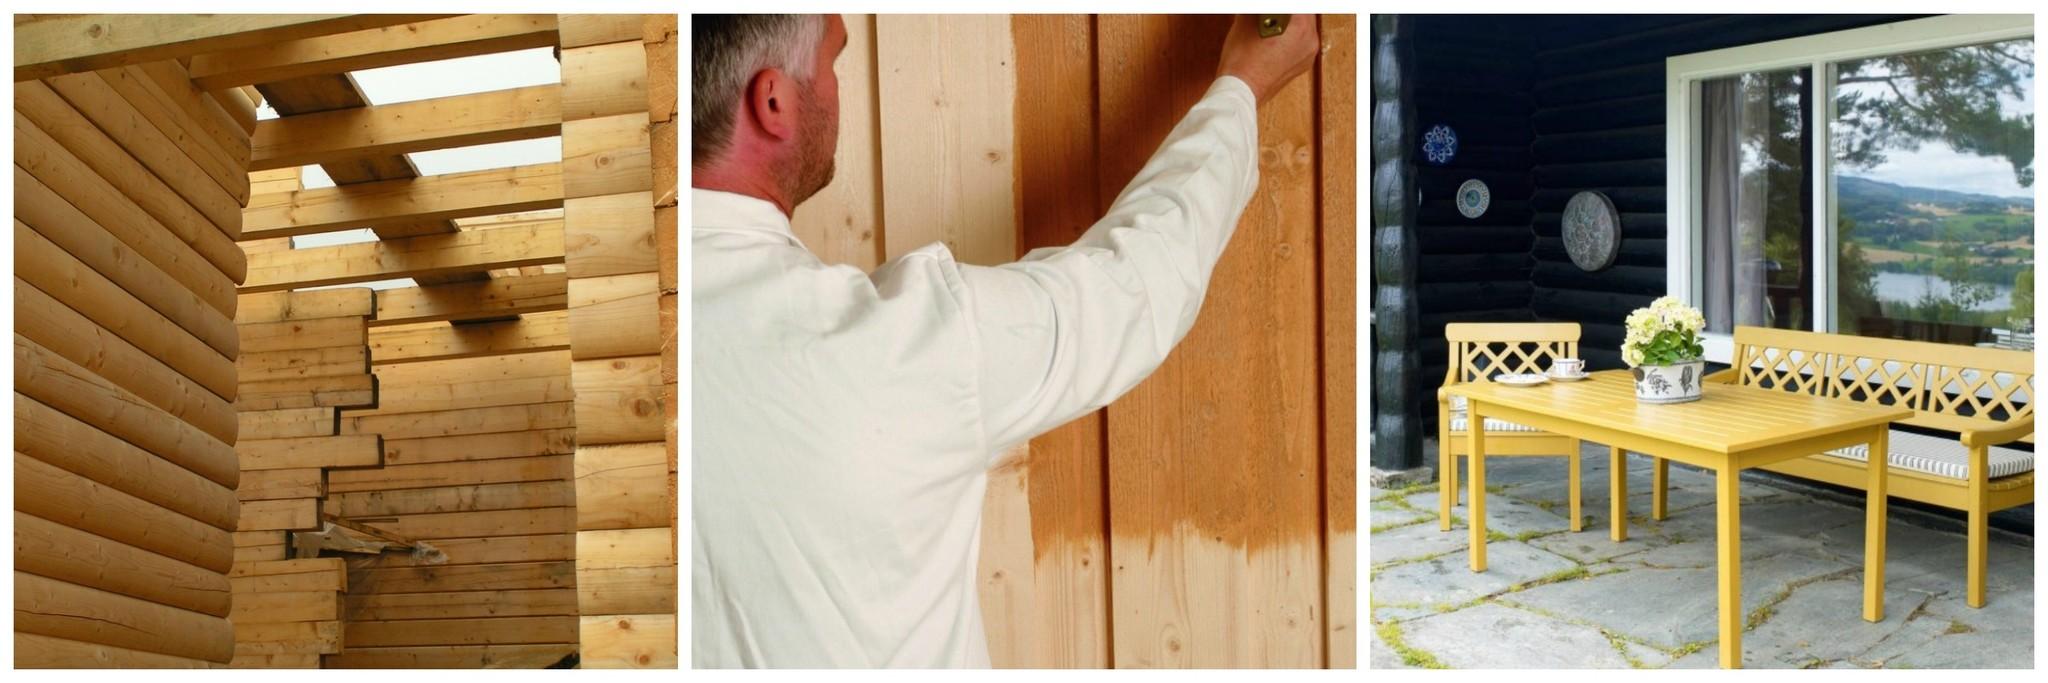 Impregneermiddel voor hout impregneren